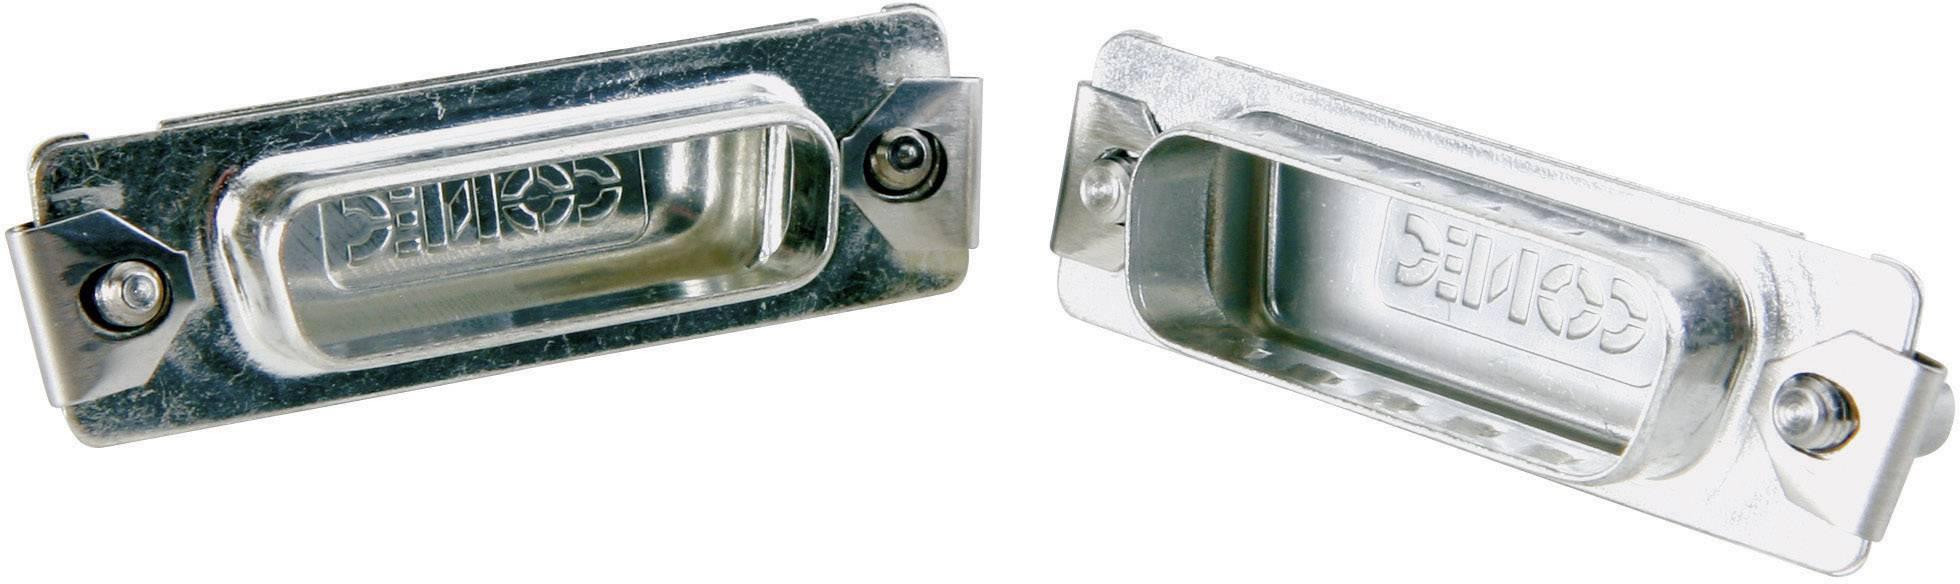 Záslepka D-SUB konektoru pro D-SUB kolíková lišta 15pólová Conec 165X16779X, 165X16779X, stříbrná, 1 ks